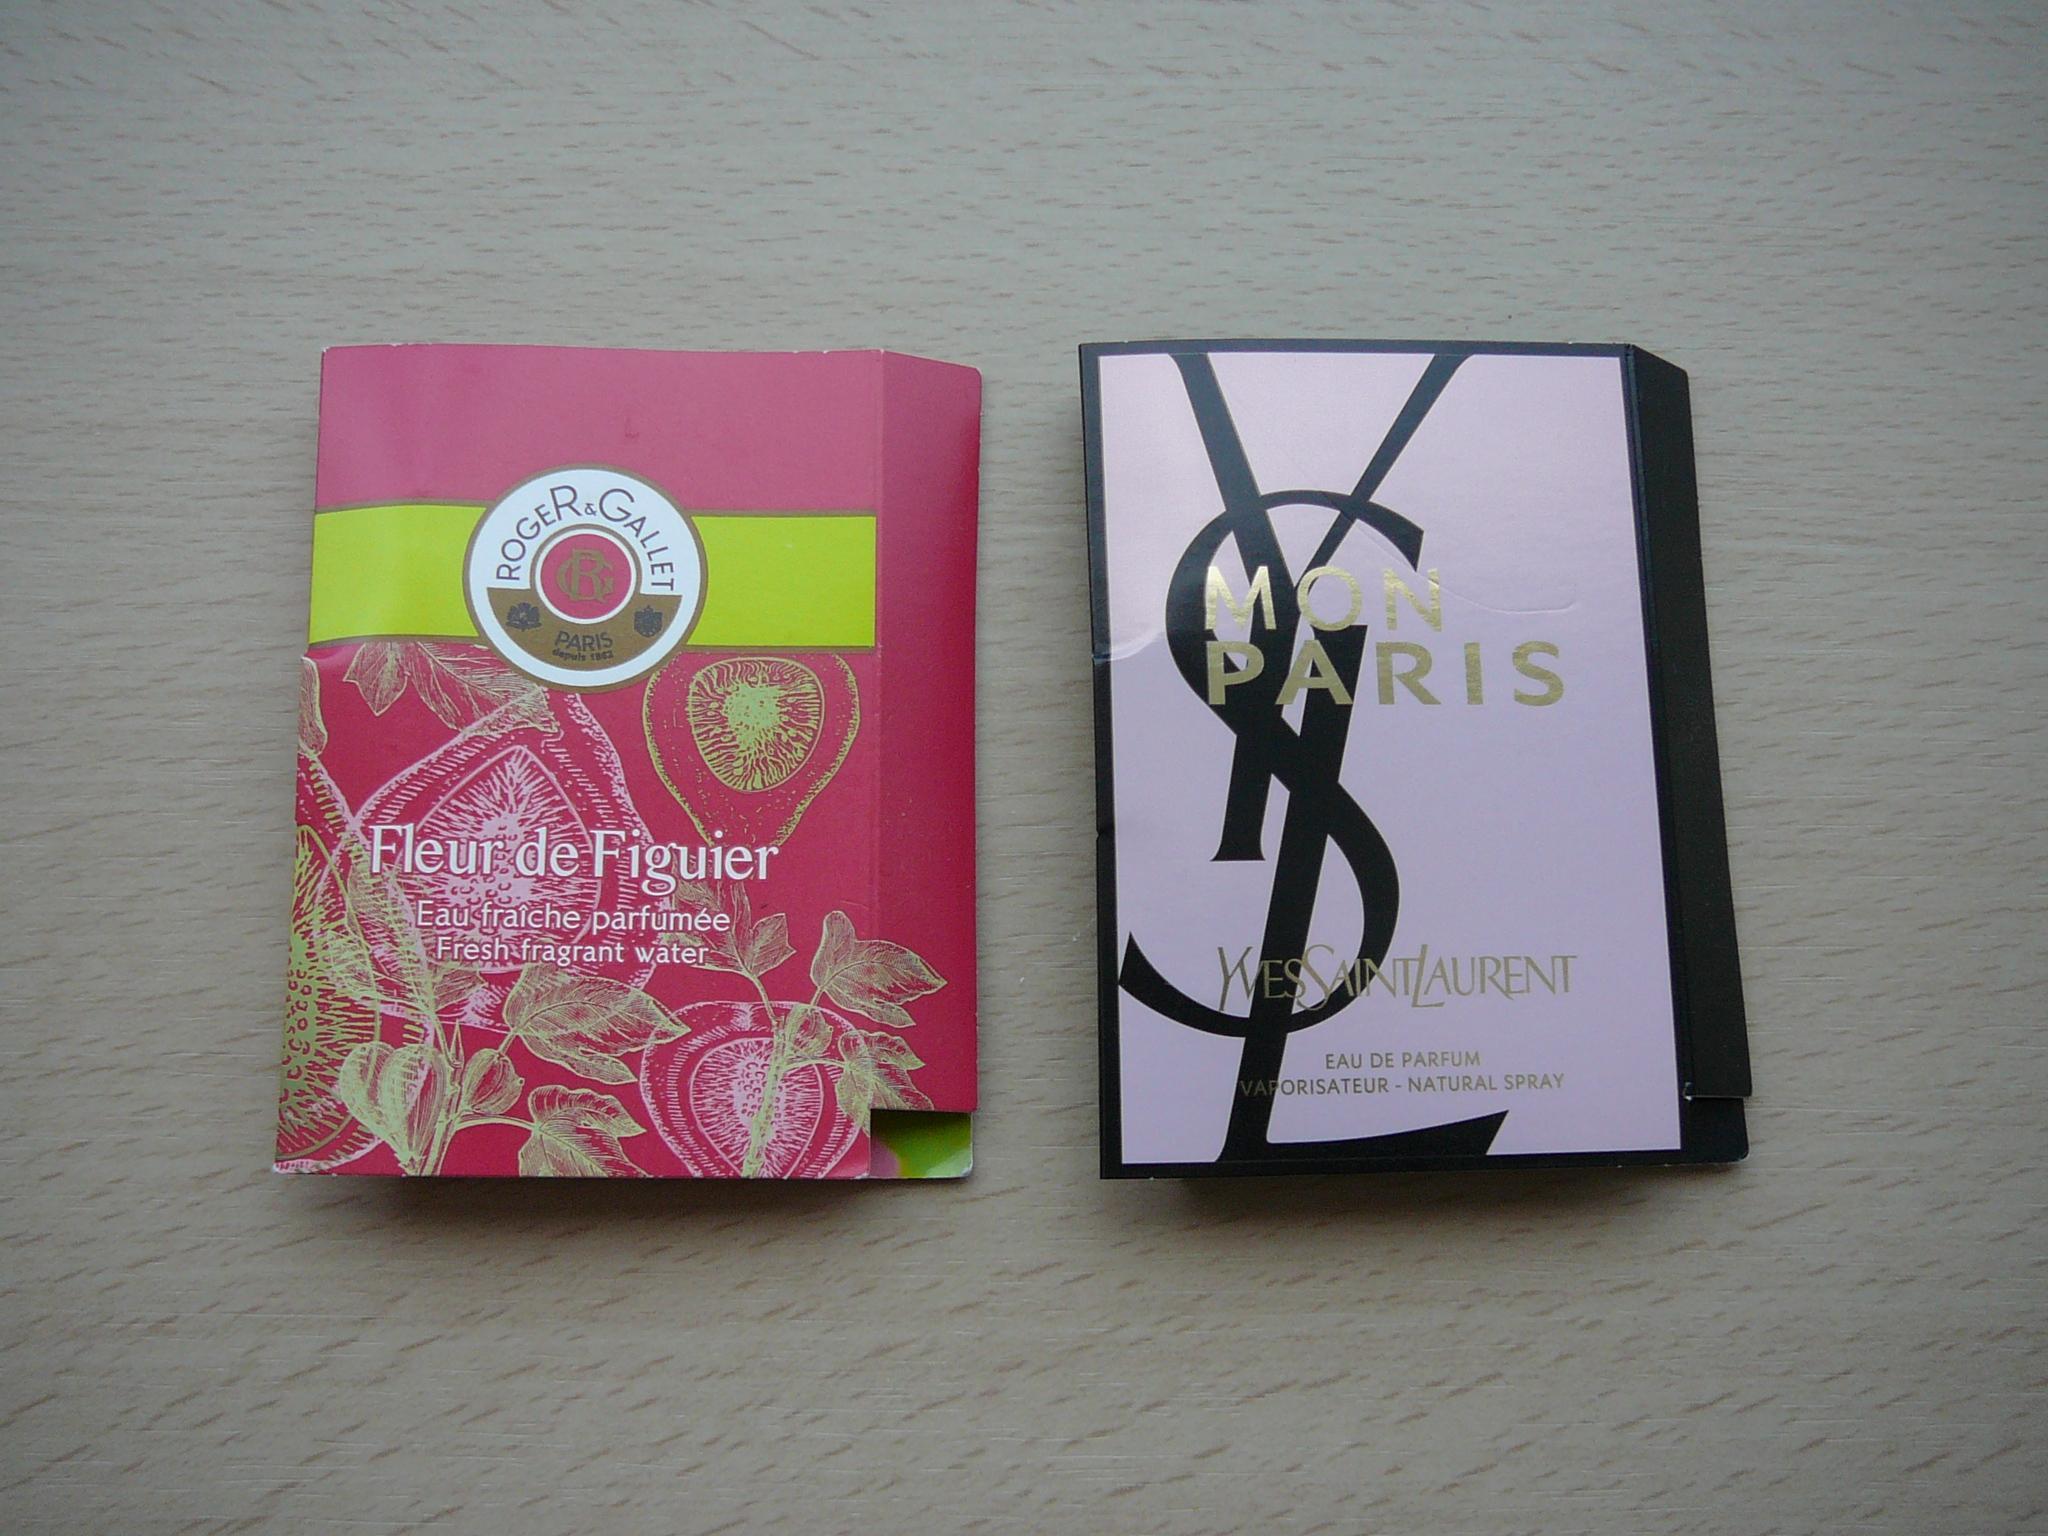 troc de troc réservés dauphine02 2 échantillons de parfum image 0